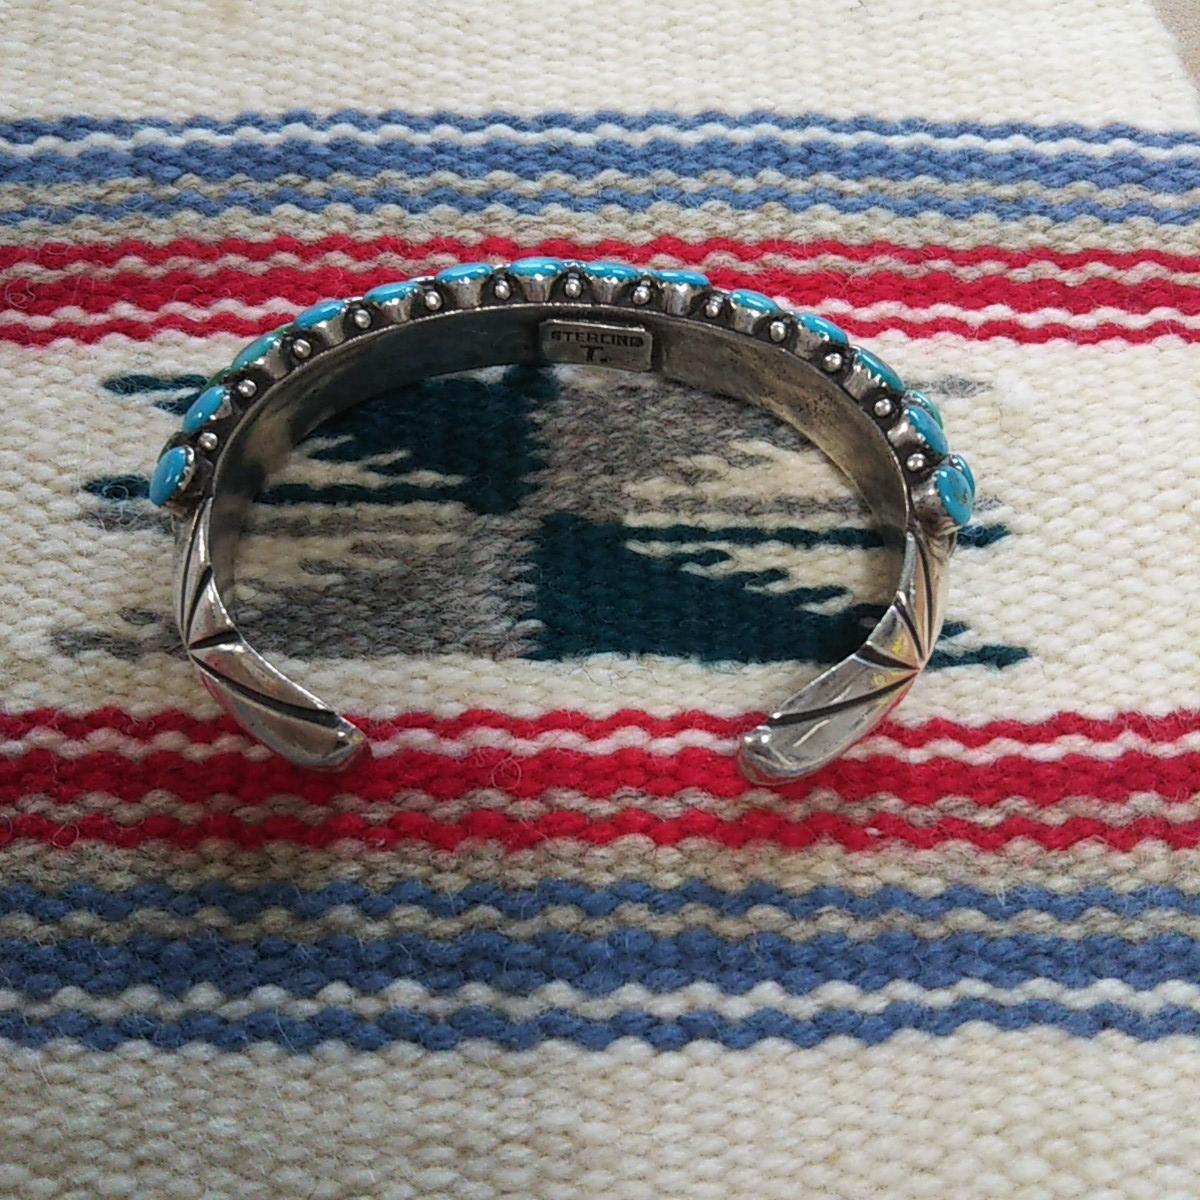 インディアンジュエリー ナバホ族 T sterling ターコイズ クラスター シルバーバングル♯ネイティブアメリカン ホピ族 ズニ族 silver925_画像2